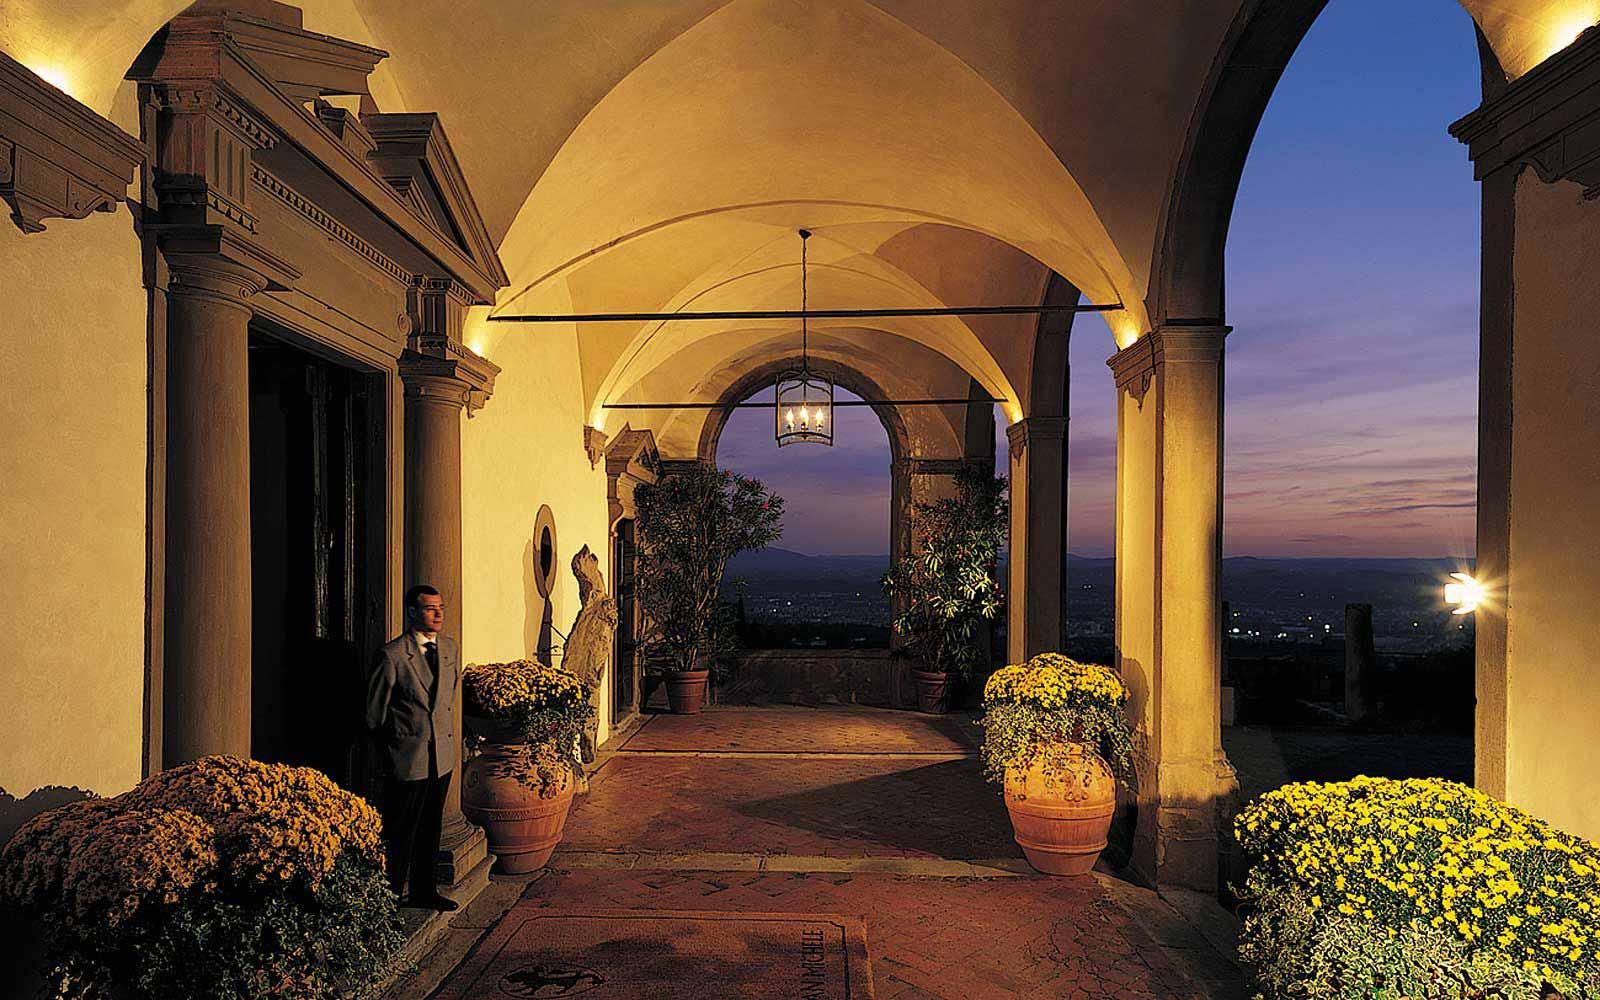 Entrance to the Belmond Villa San Michele